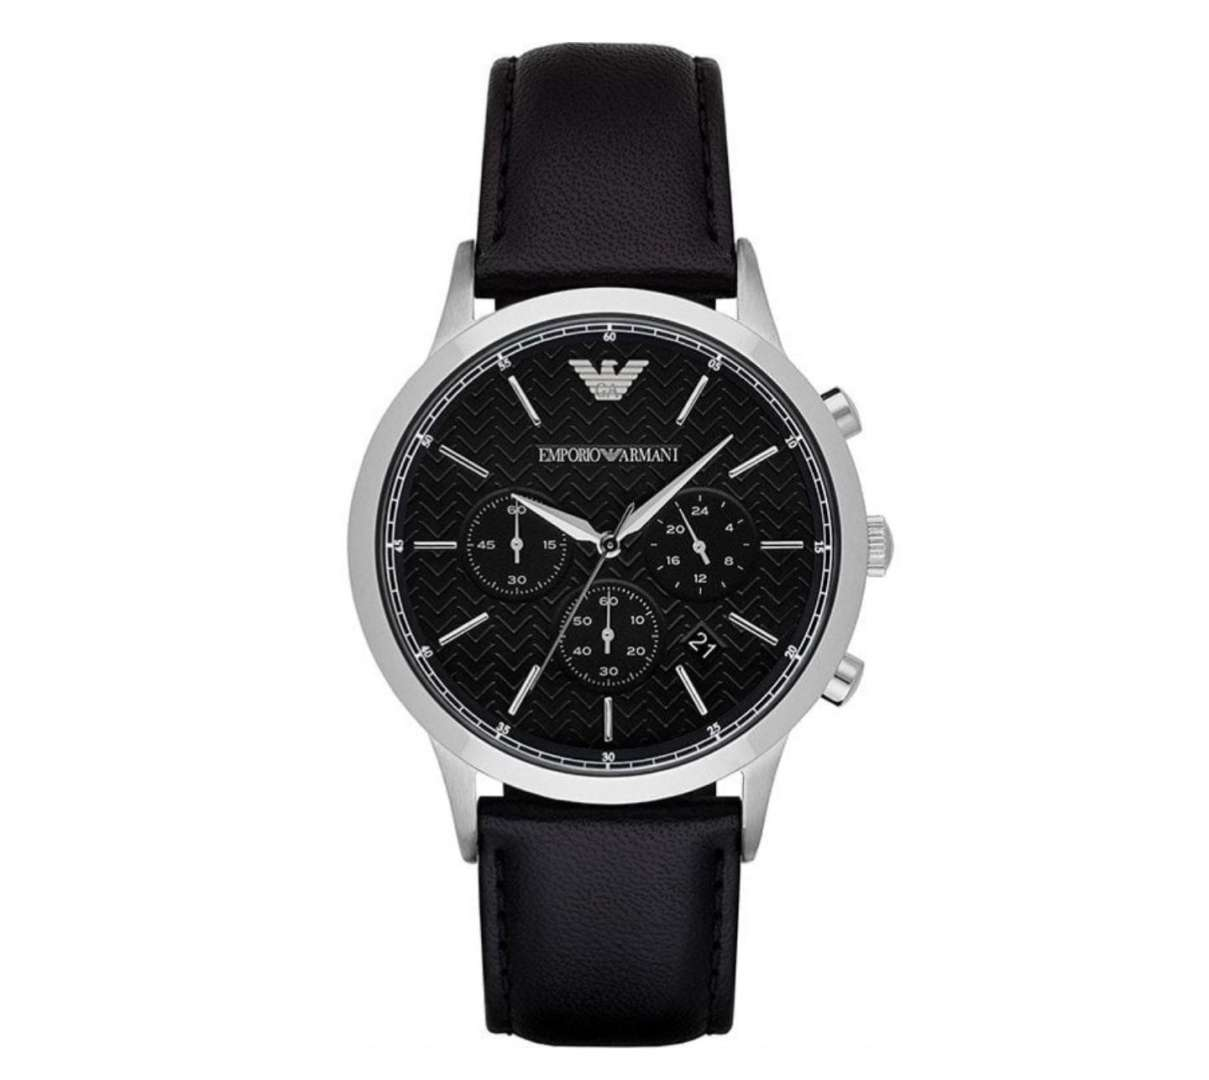 שעון יד אנלוגי לגבר emporio armani ar8034 אמפוריו ארמני